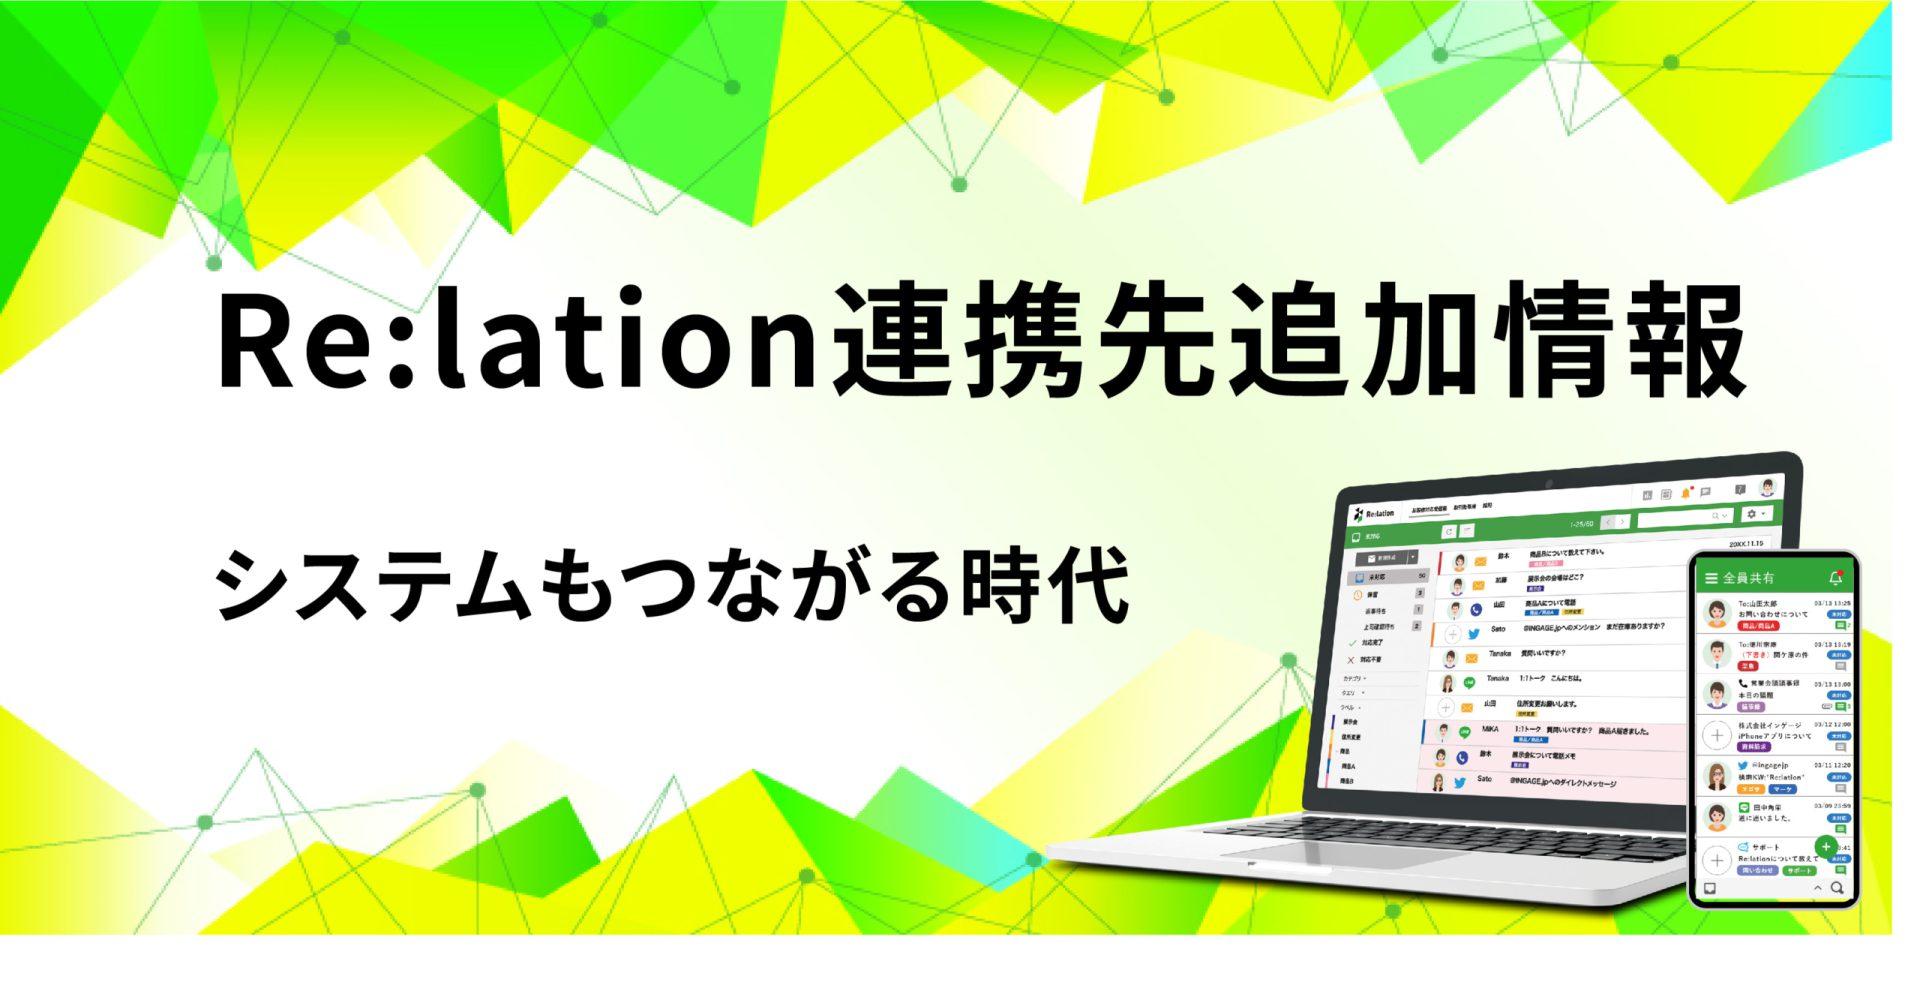 テレワーク時代のメール管理「Re:lation(リレーション)」11.12アップデート